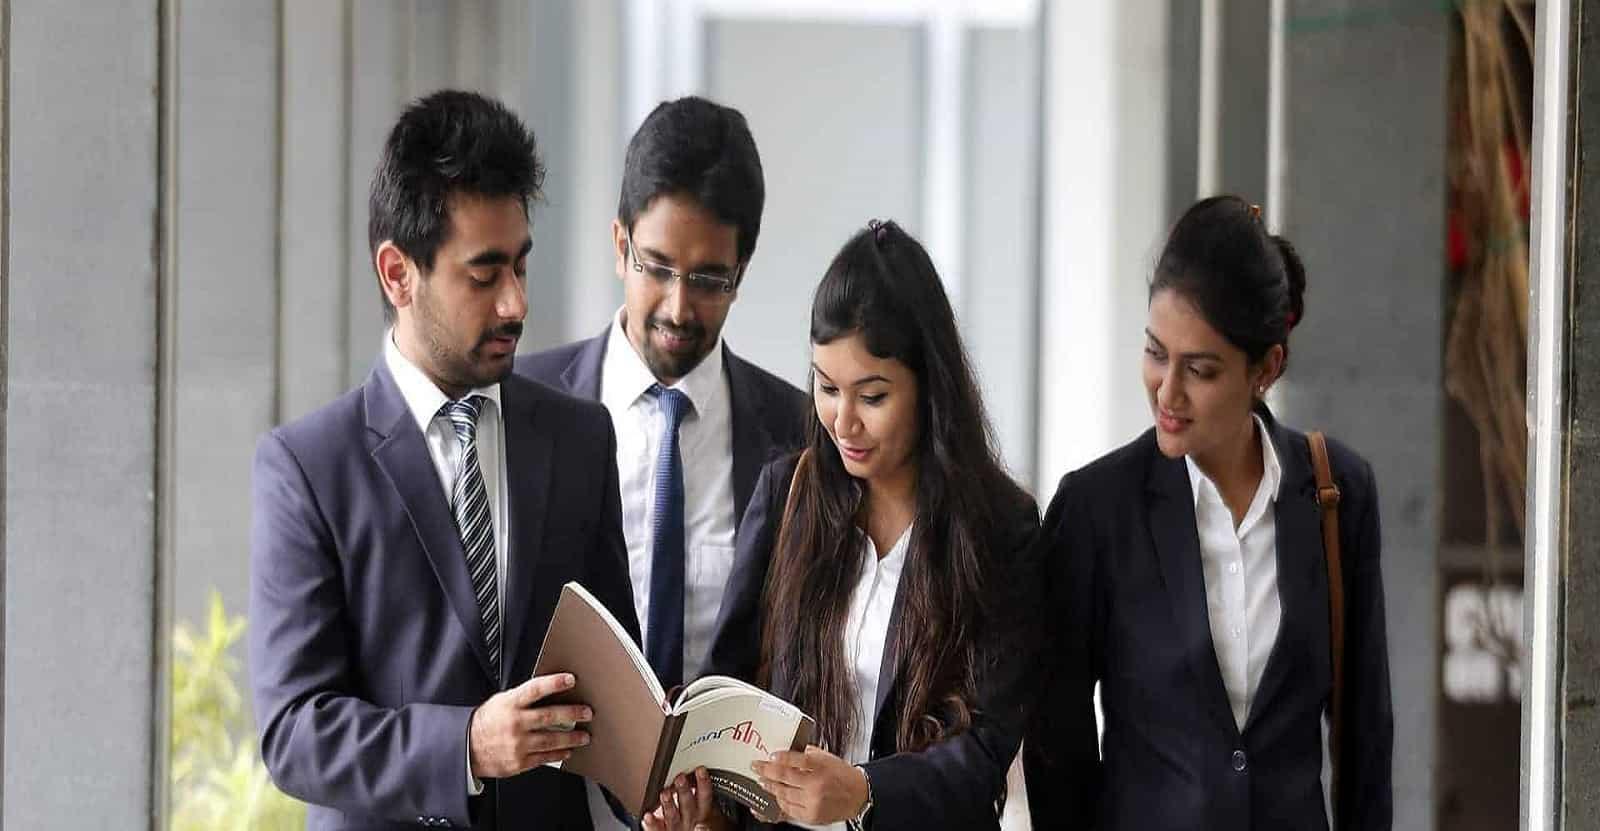 Campus Recruitment Training